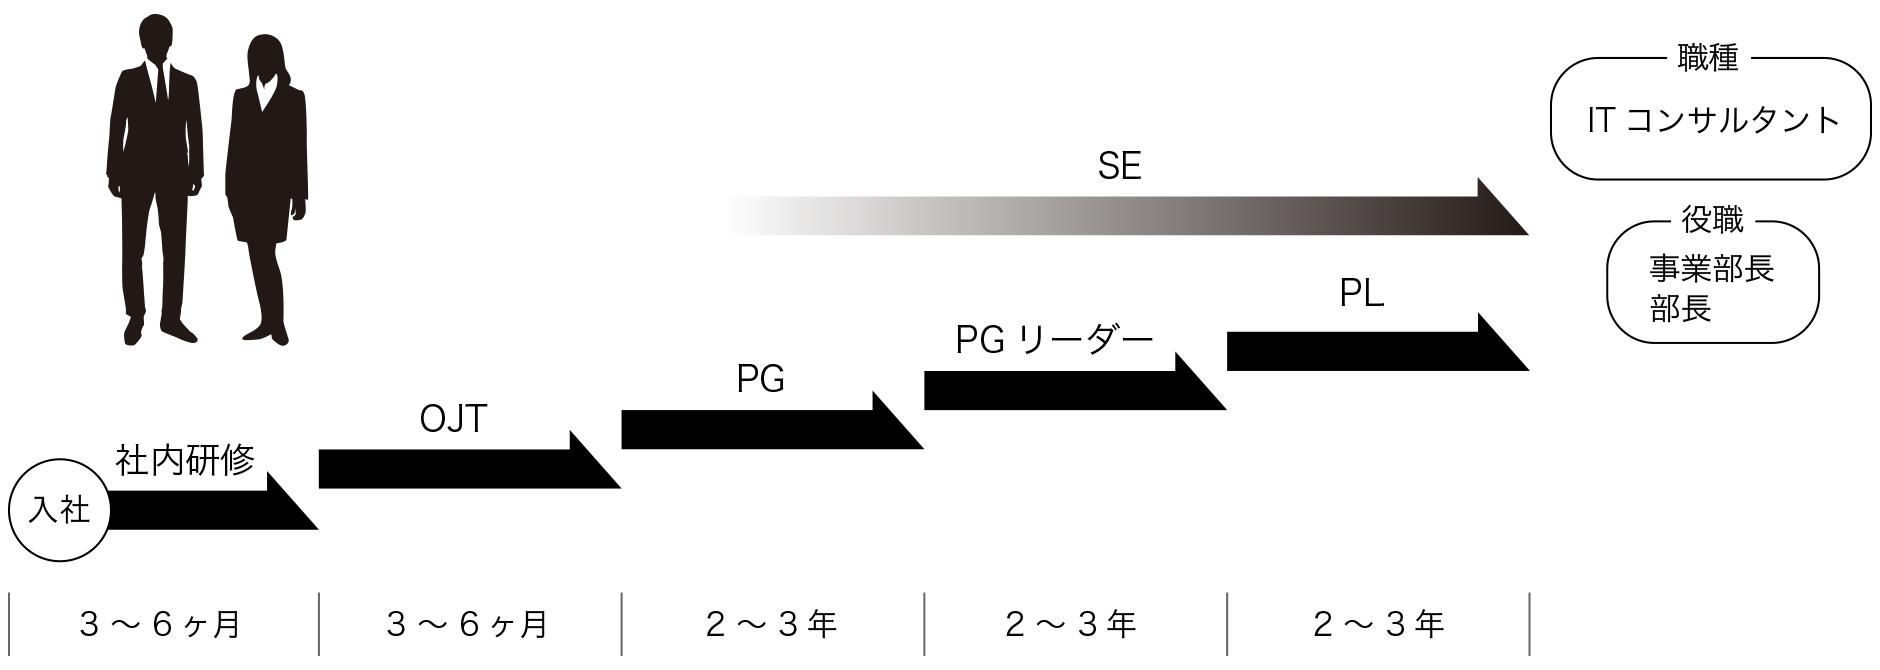 キャリアパス(career path)